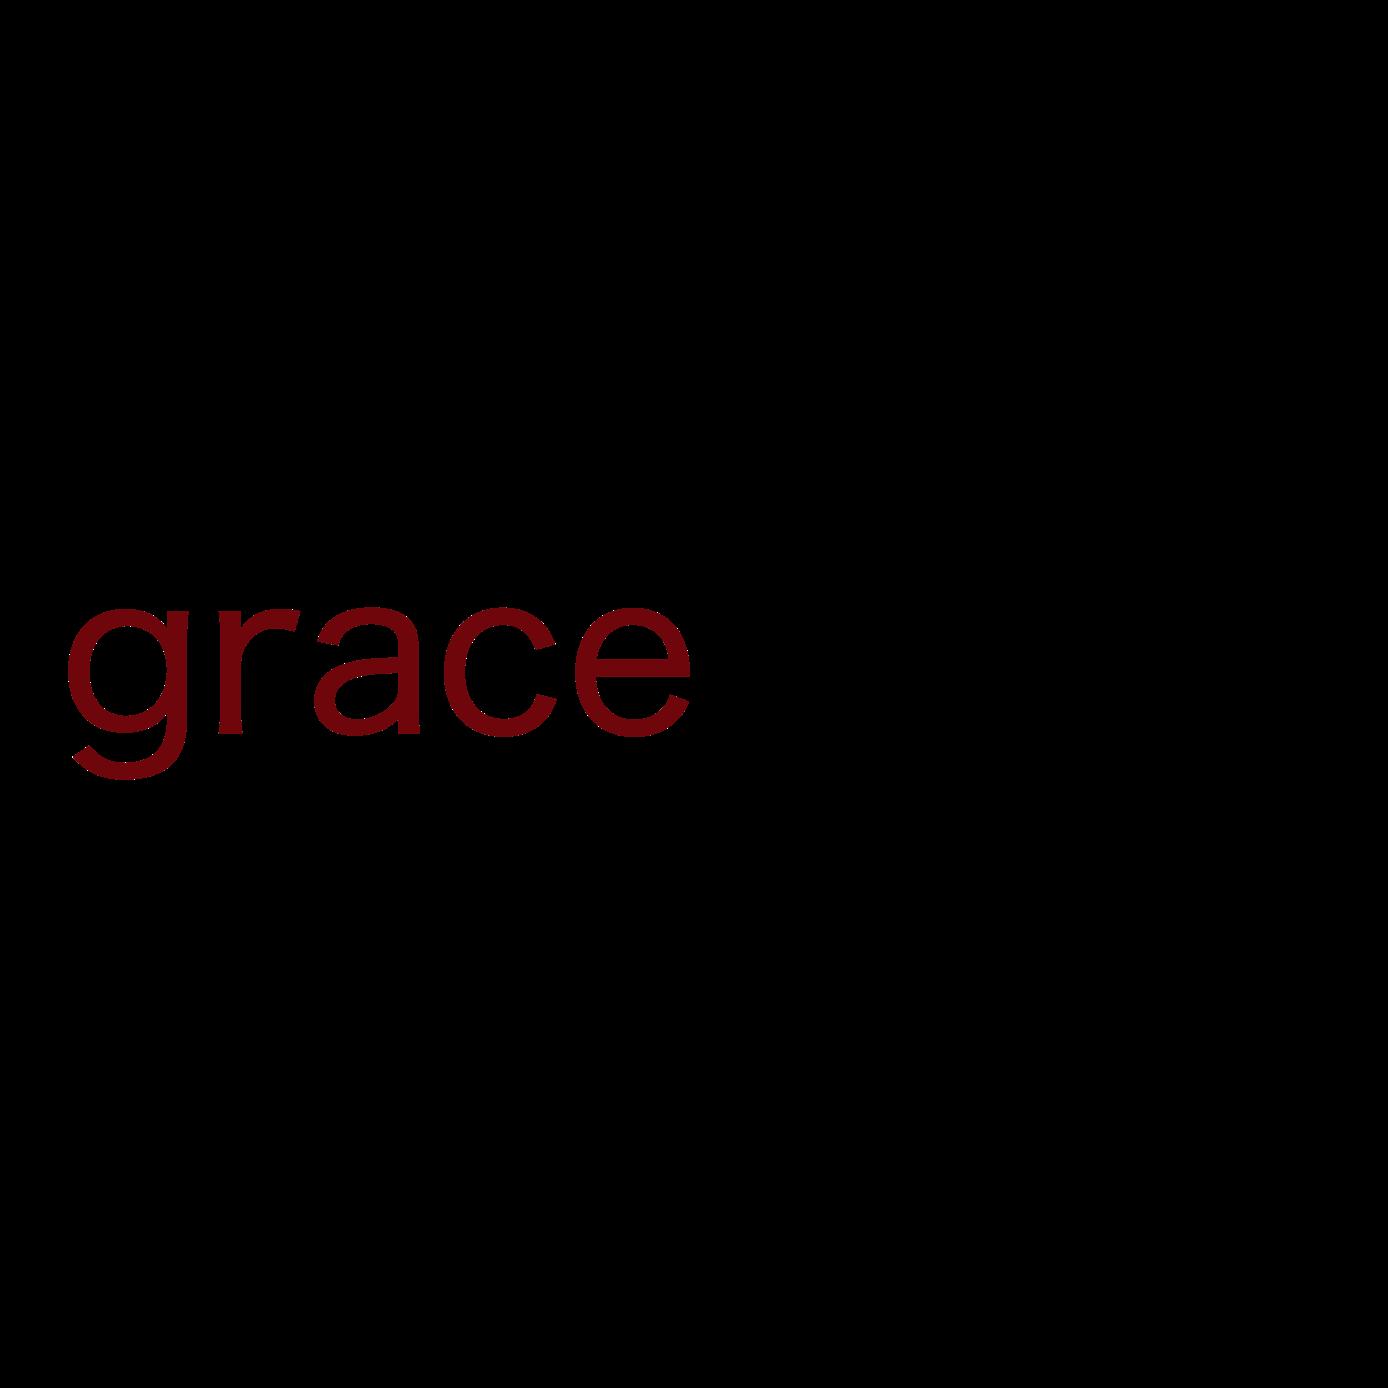 gracespace.png